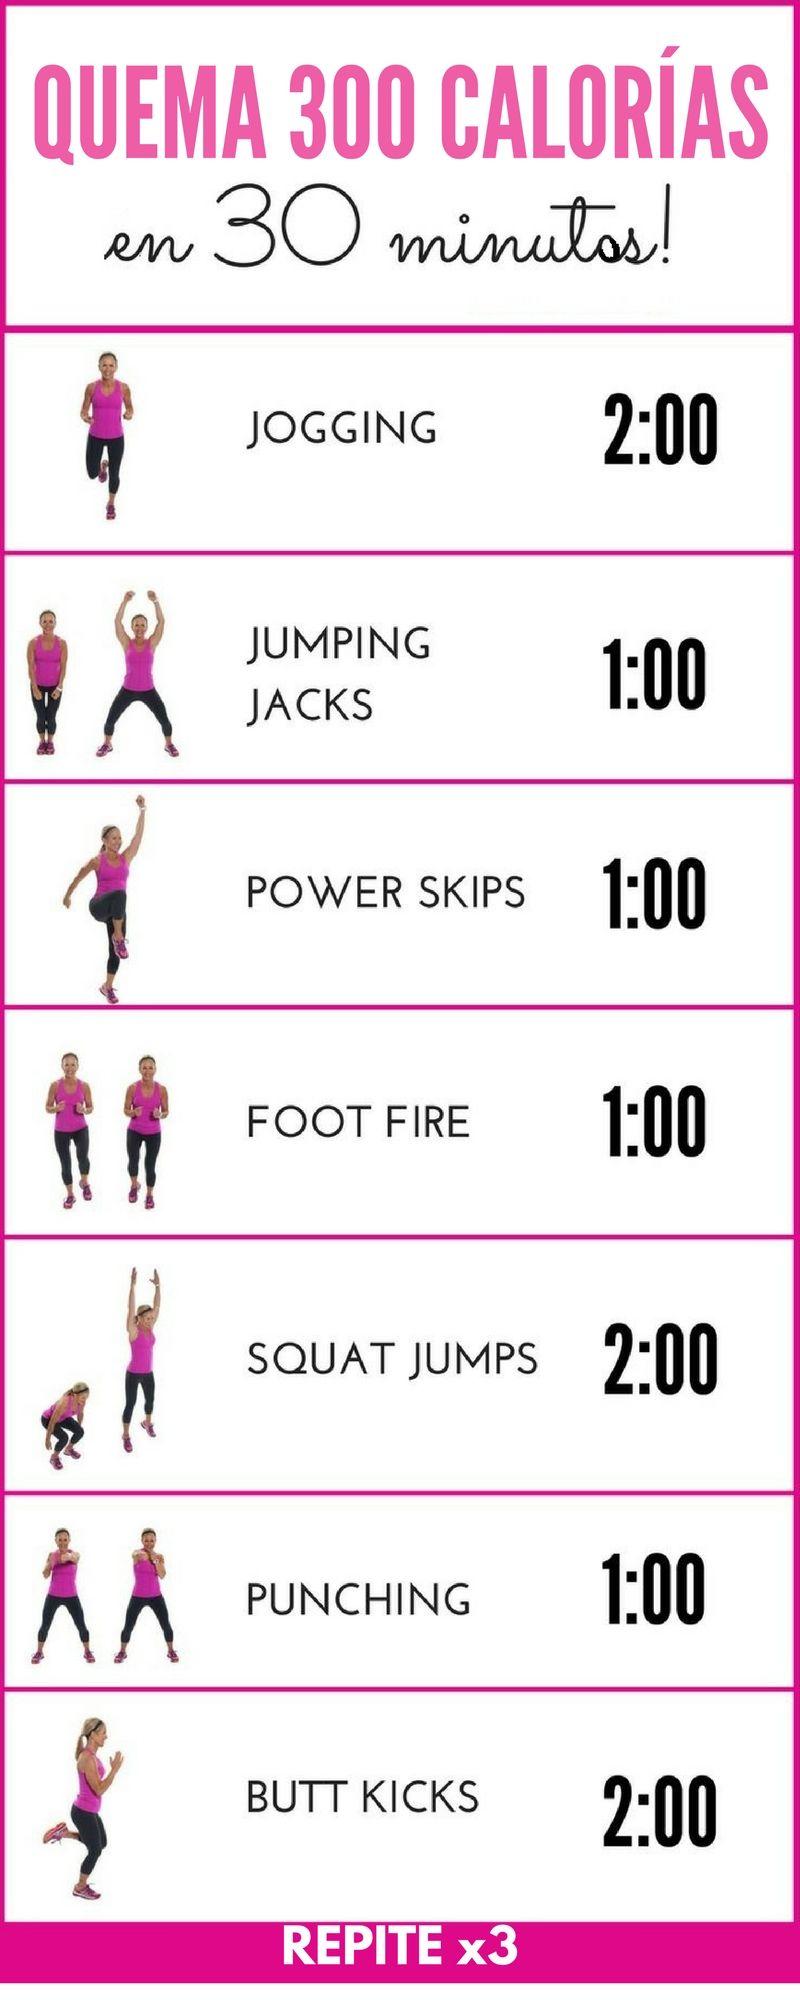 Ejercicios para quemar calor as en poco tiempo ejercicios pinterest - Ejercicios cardiovasculares en casa ...